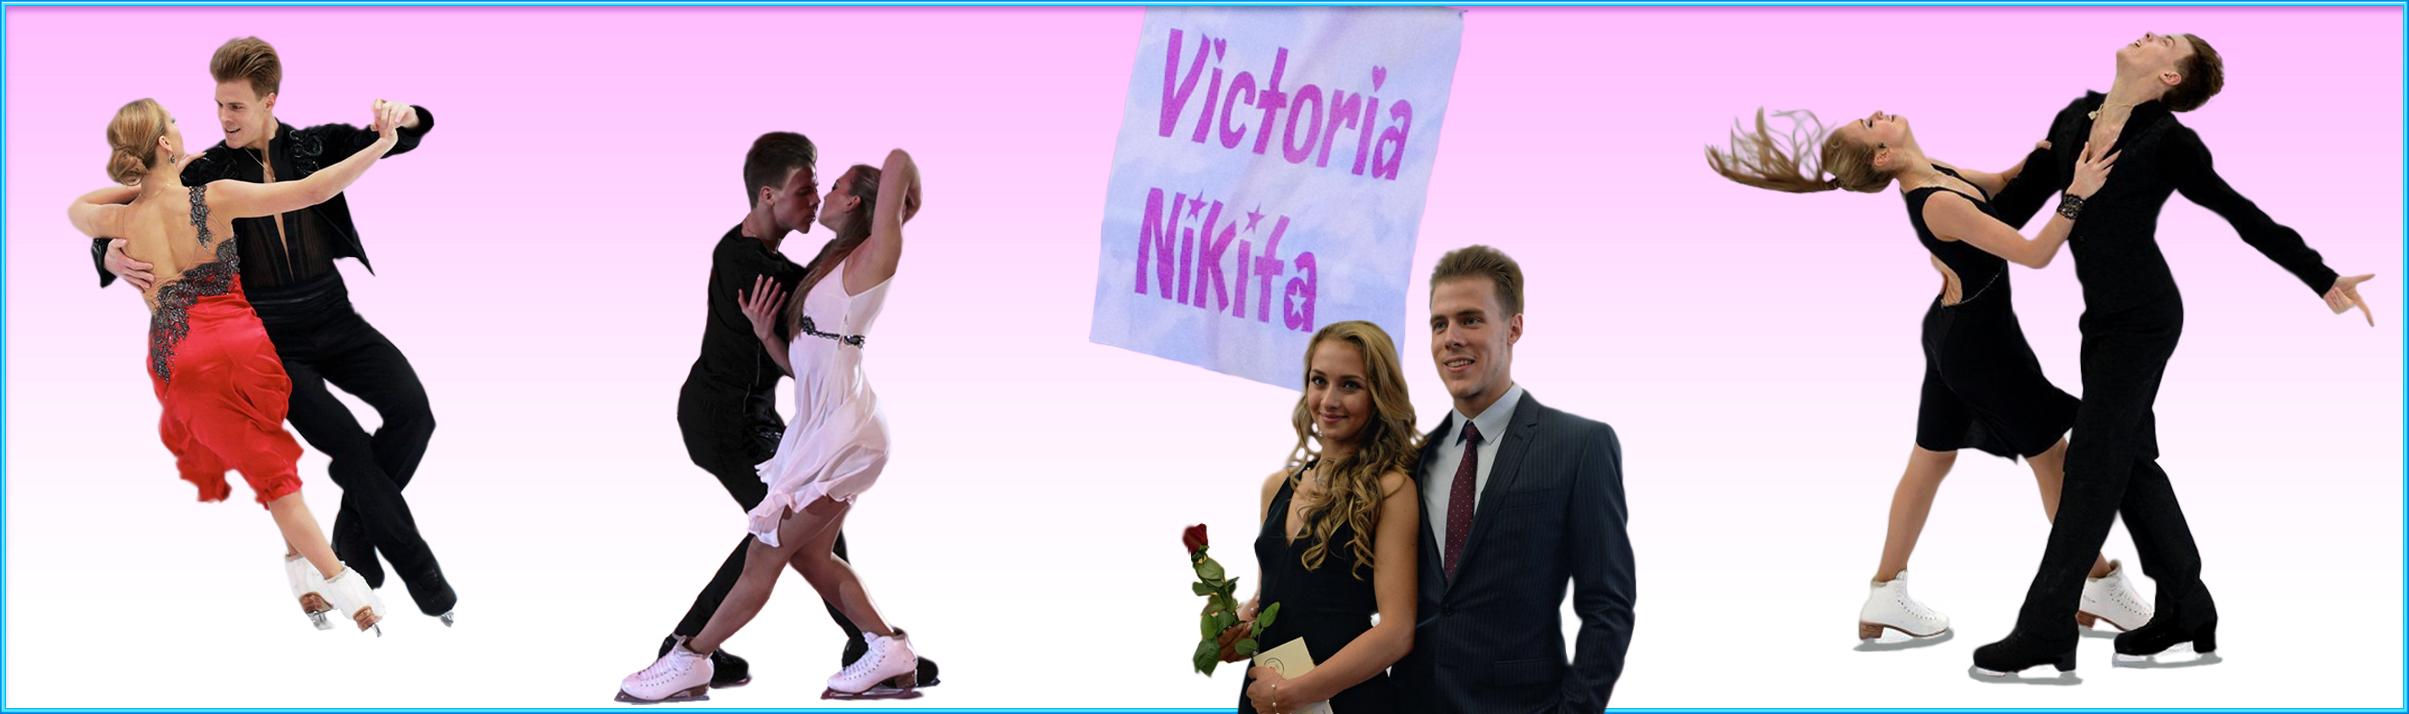 Виктория Синицина - Никита Кацалапов - 2 - Страница 37 Qc05G